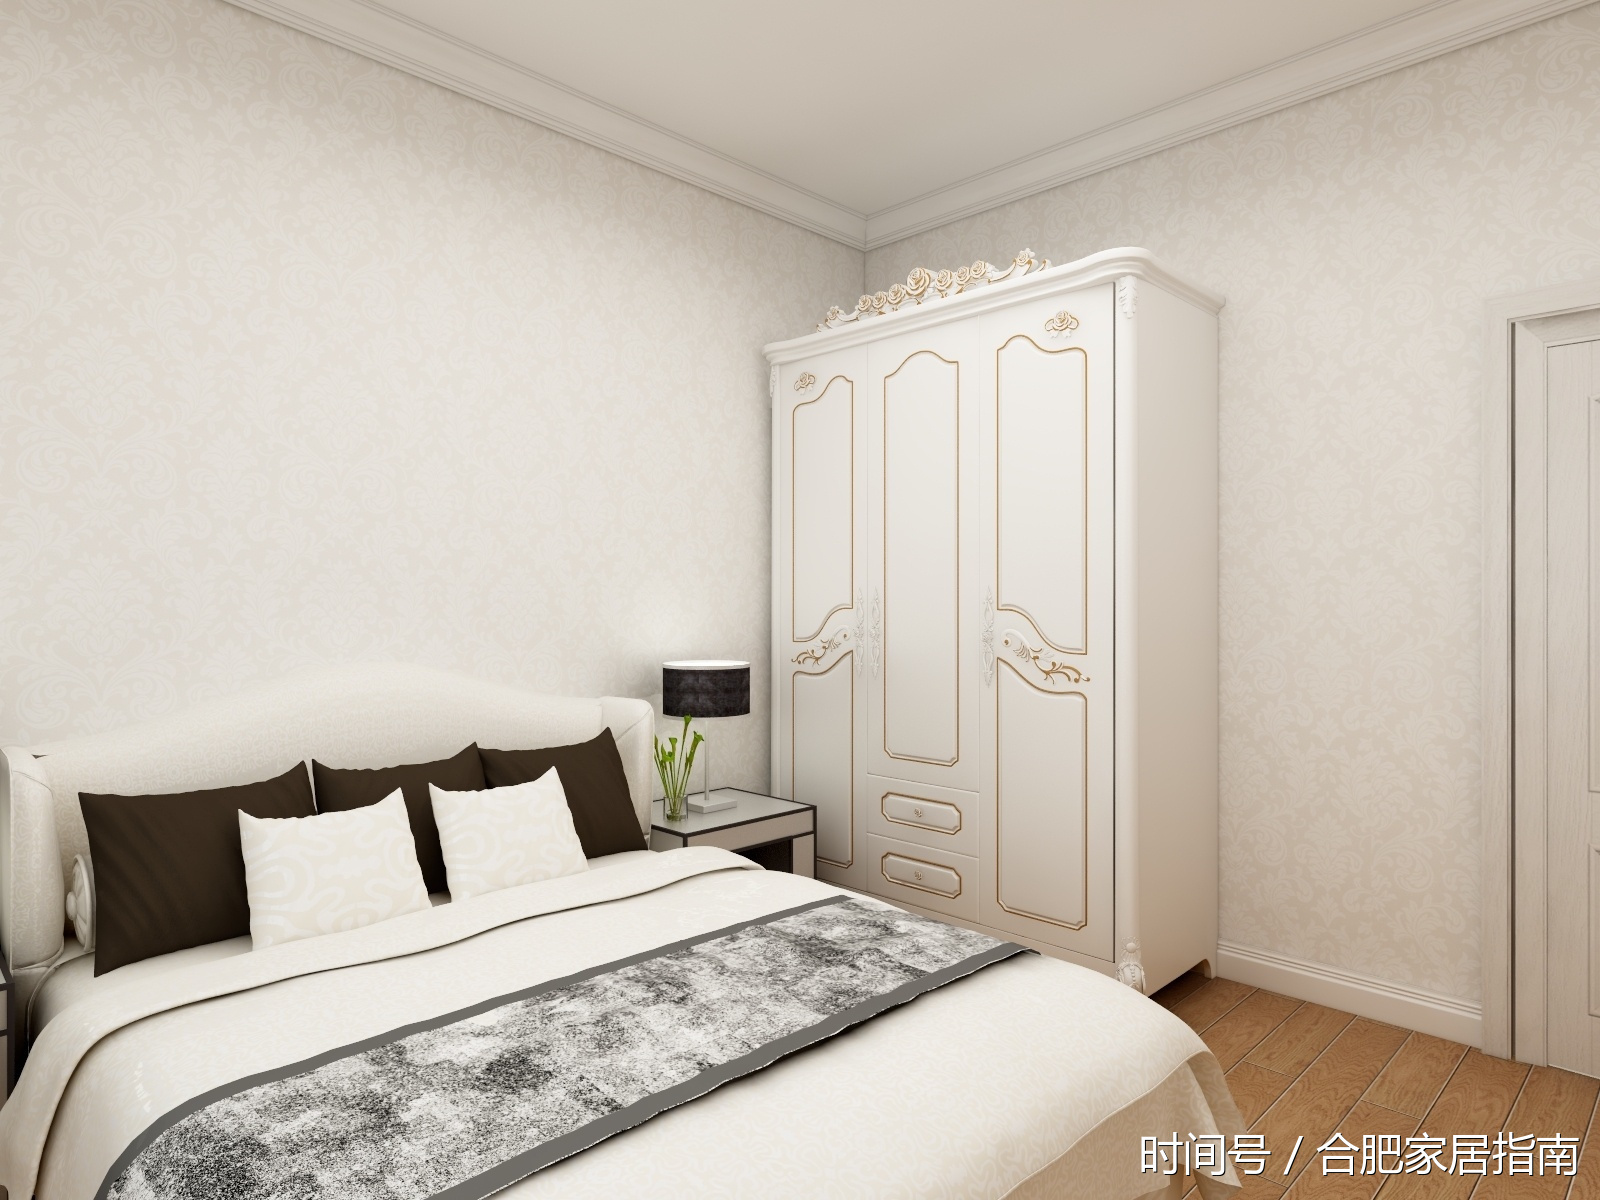 主卧采用了欧式的窗帘,搭配几幅装饰画和床头的灯相呼应.